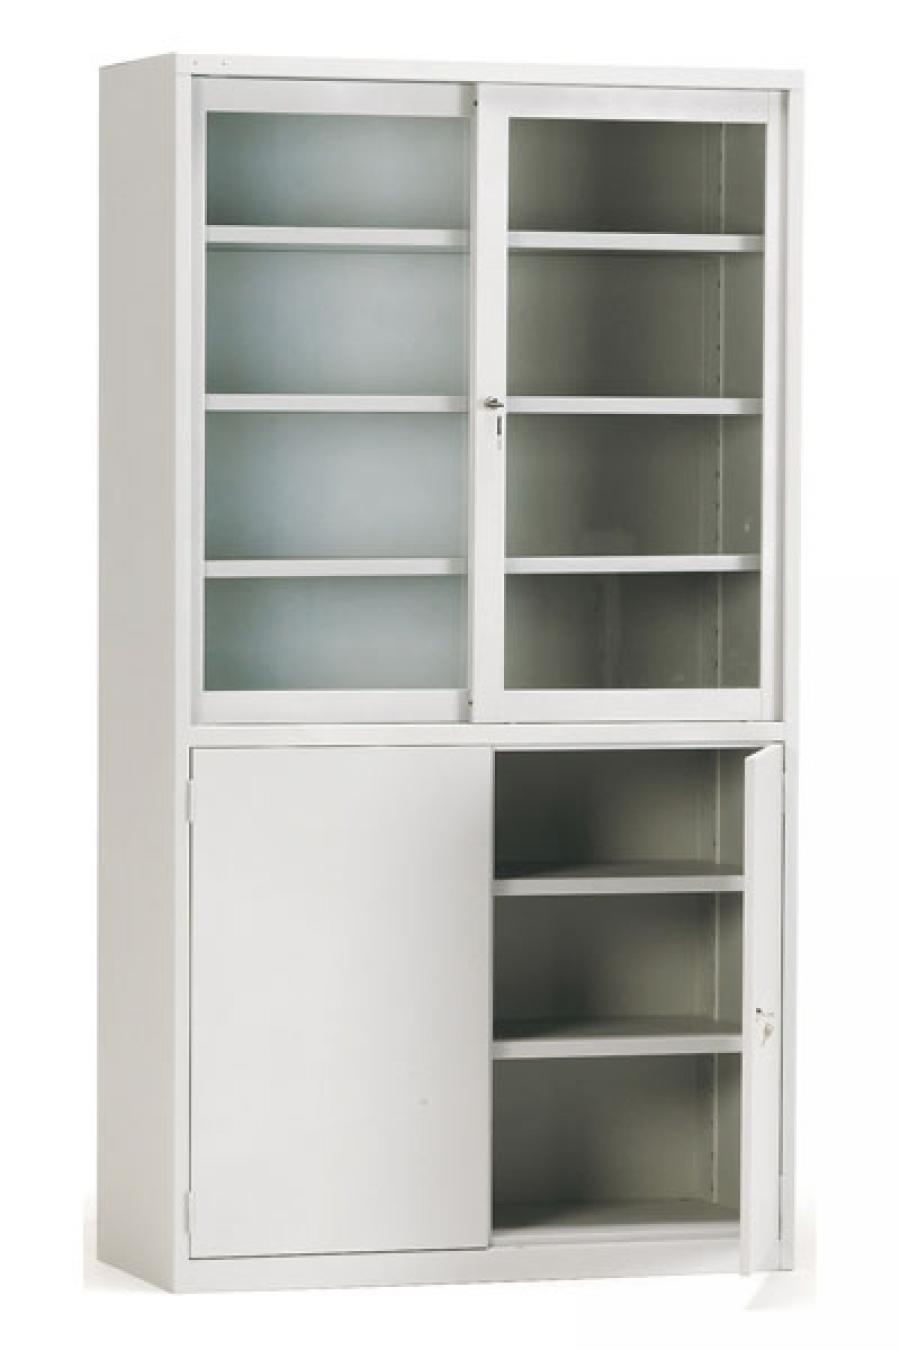 Armarios con puertas de cristal for Armarios para despachos